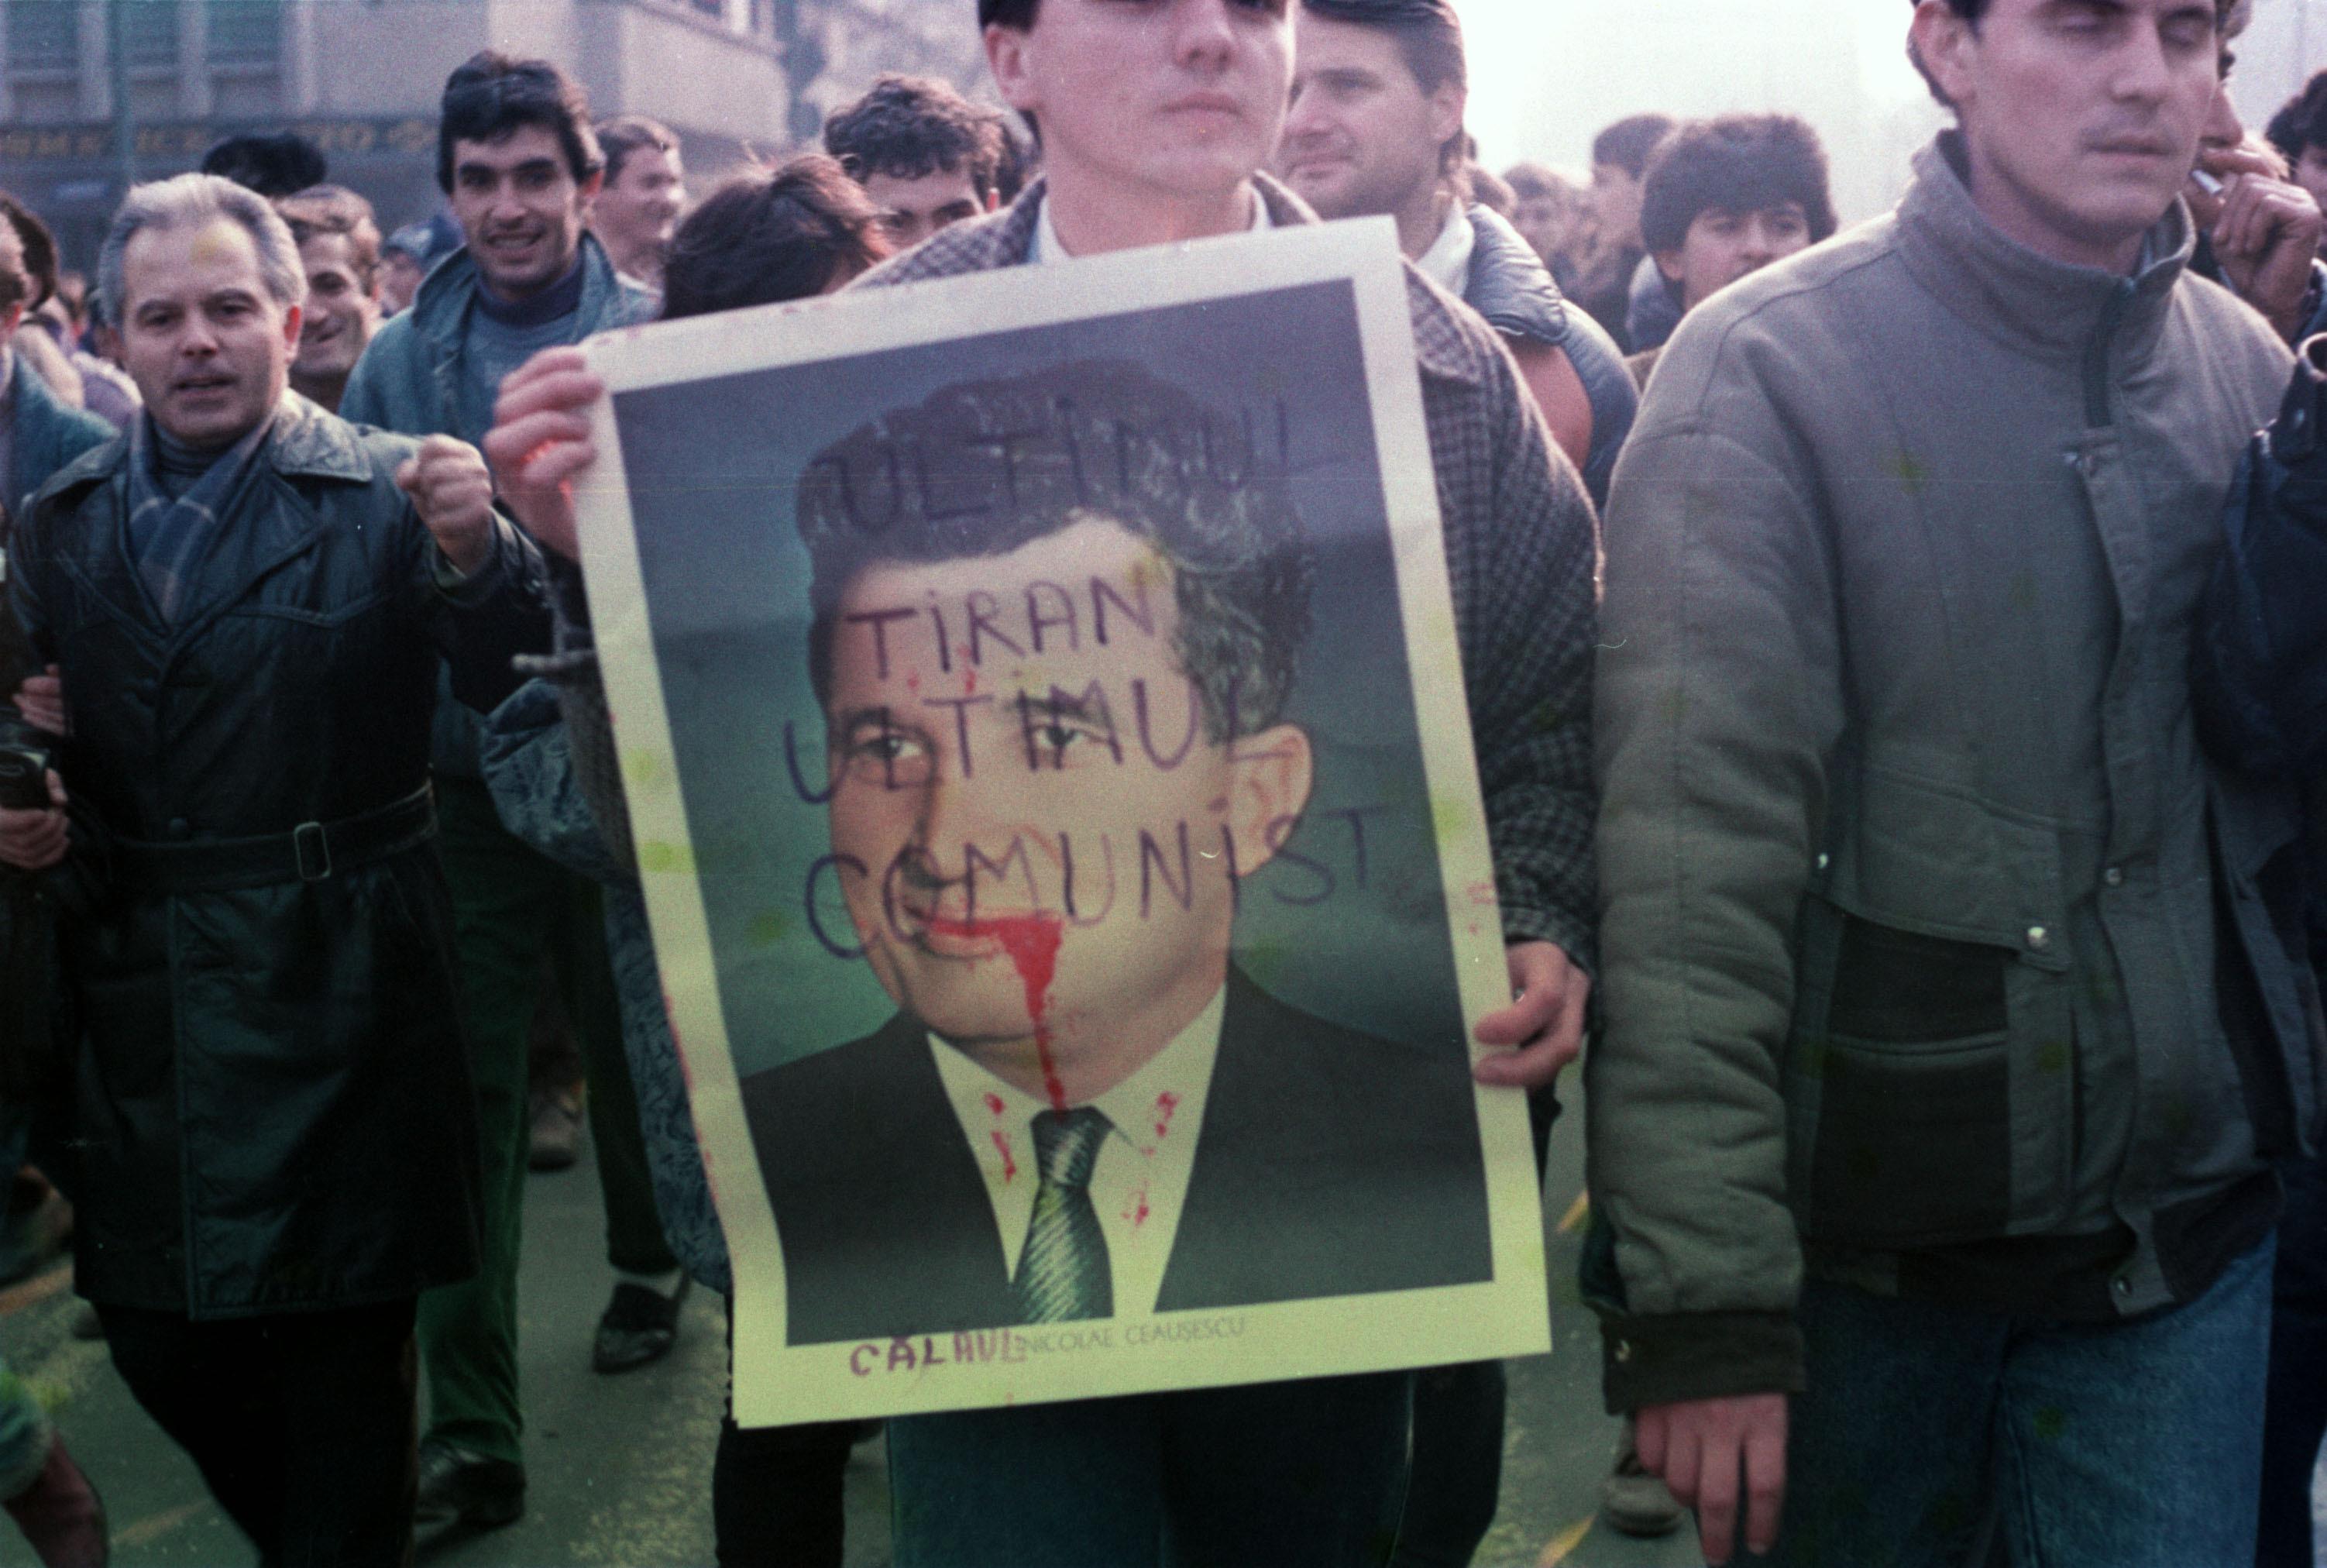 """21 decembrie 1989, Timişoara. Operaţiunea """"Tunetul şi Fulgerul"""" planul ascuns al lui Ceauşescu de a supune oraşul răzvrătit"""